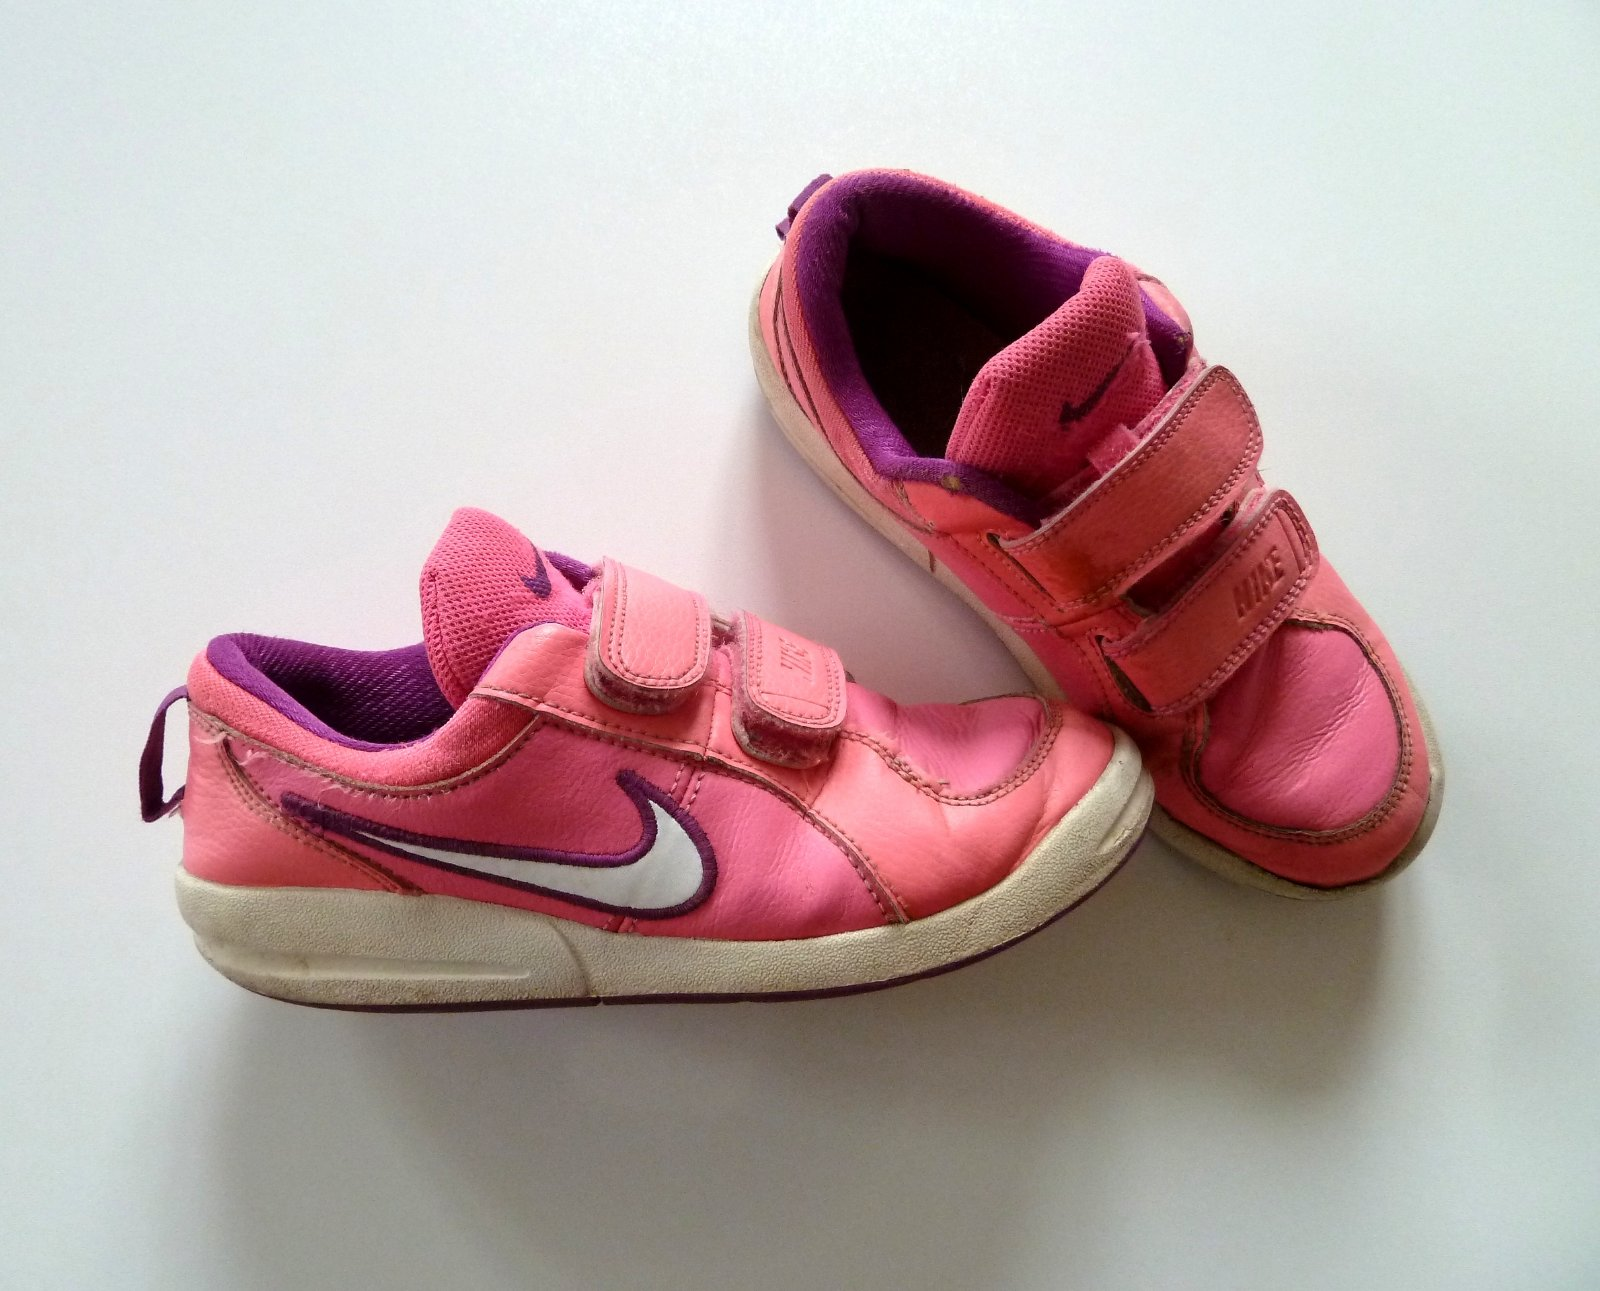 Sportovní boty tenisky zn. nike vel. 33 ff3bceffc7